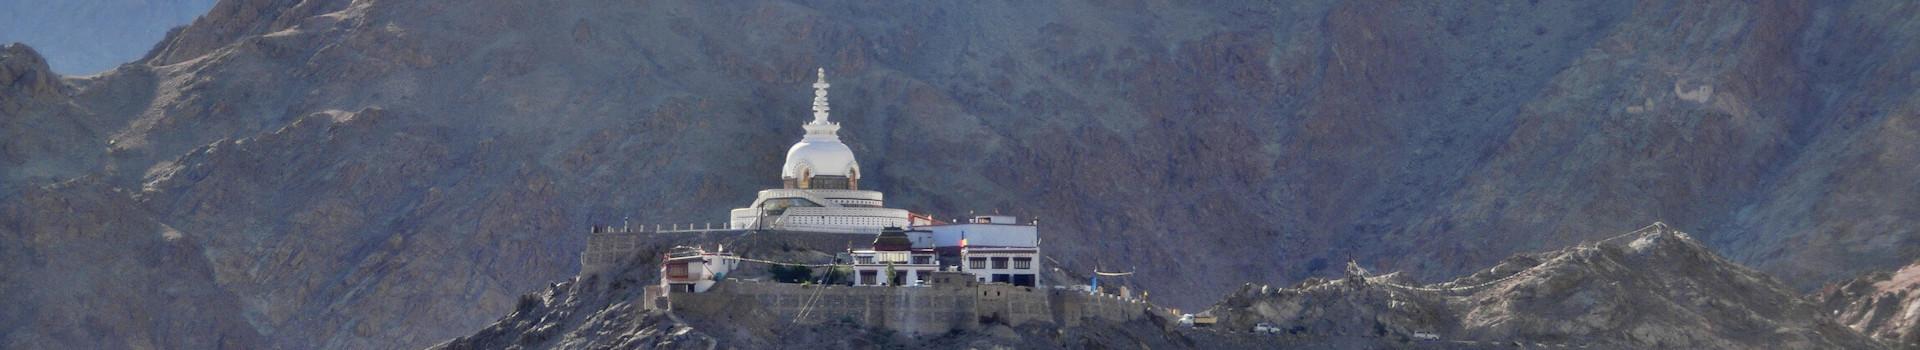 Trekkingreise Ladakh – Teil 1